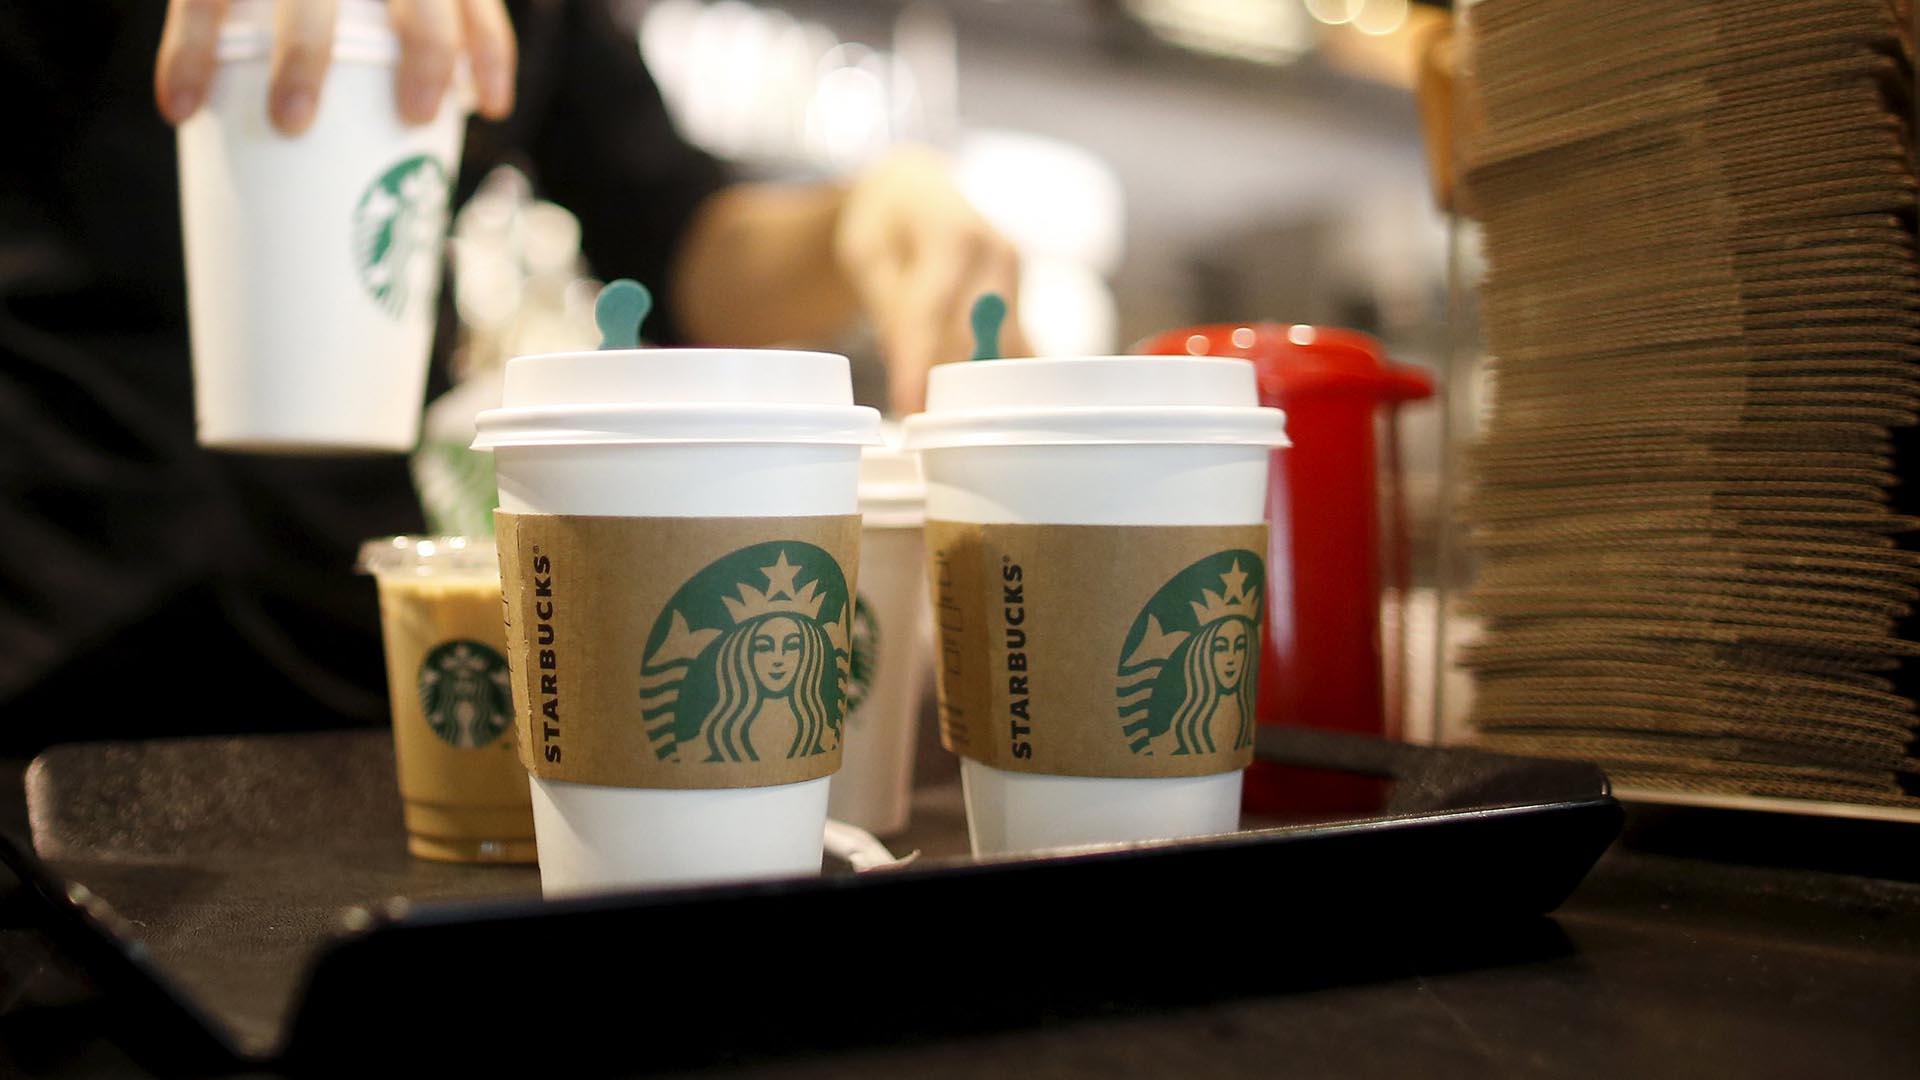 La cadena estadounidense de cafeterías fue acusada de emitir publicidad engañosa y fraude